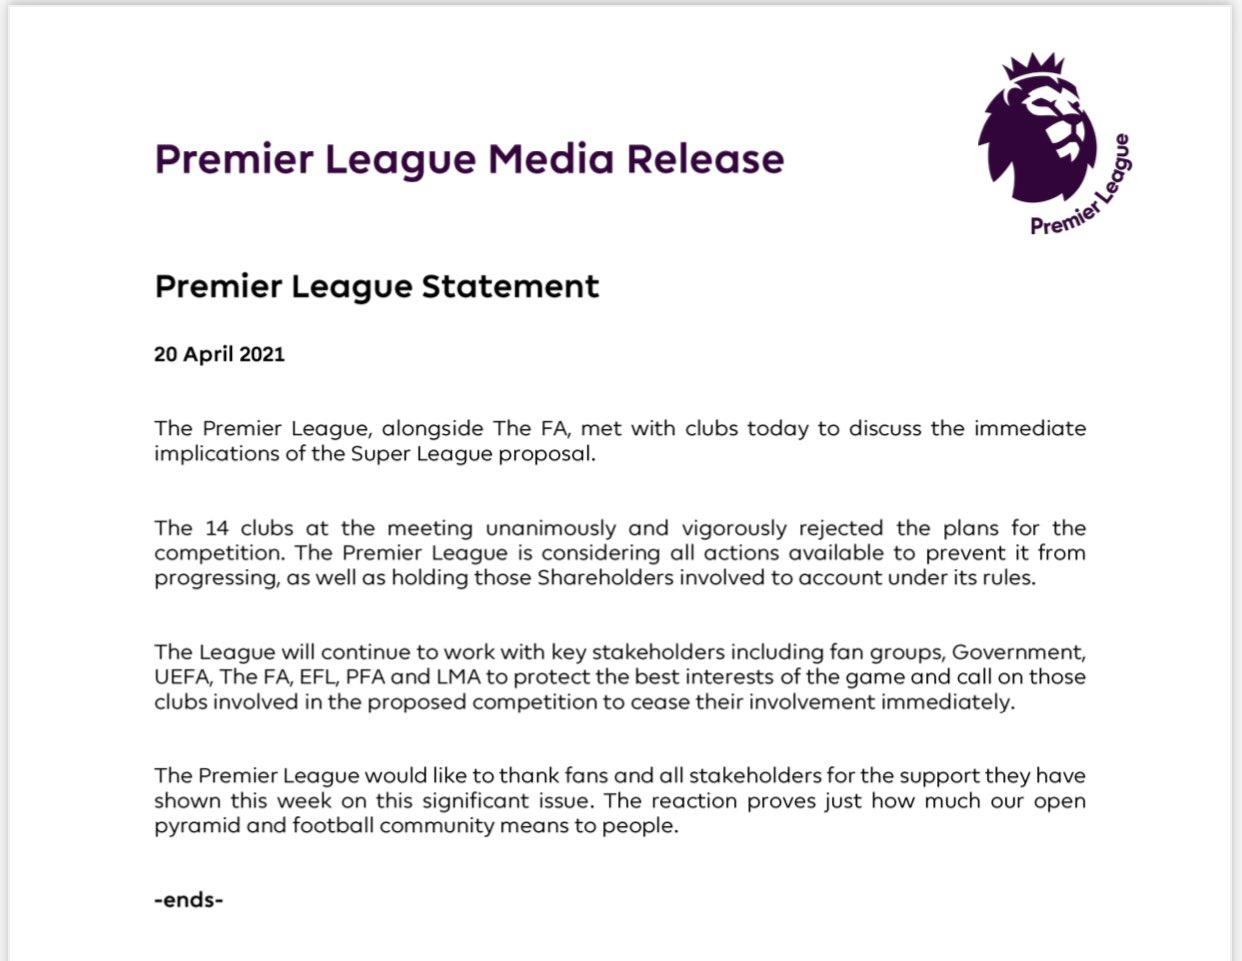 Eza4 jQUUAk6mzt?format=jpg&name=large - Premier League Release Statement On The Super League